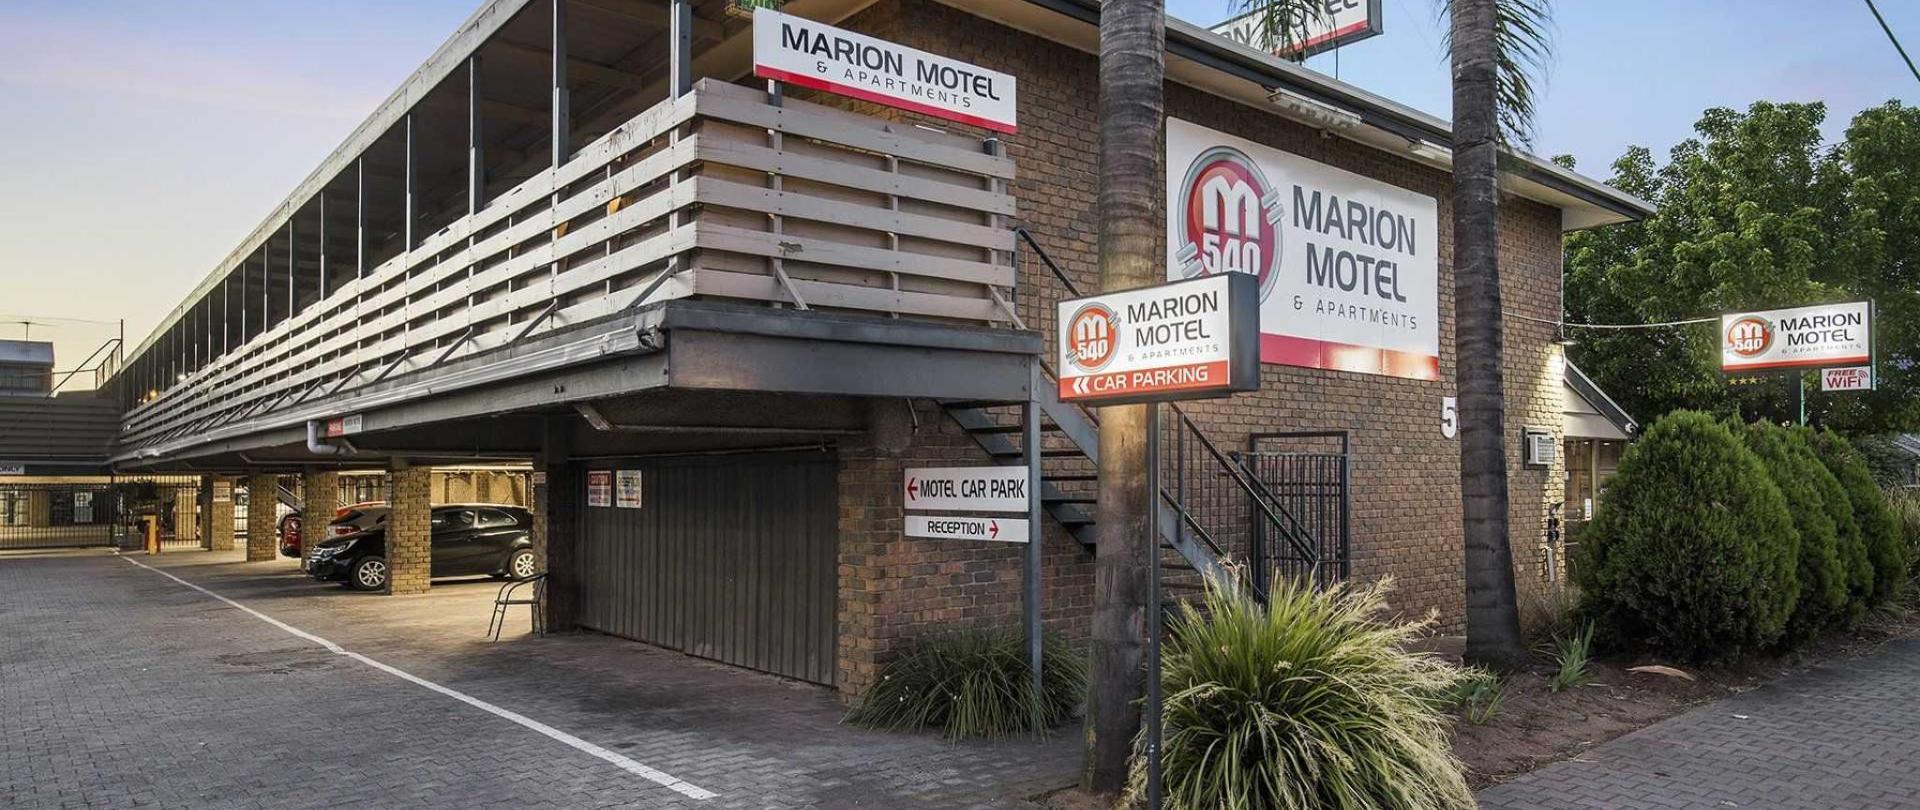 marion-motel-56.jpg